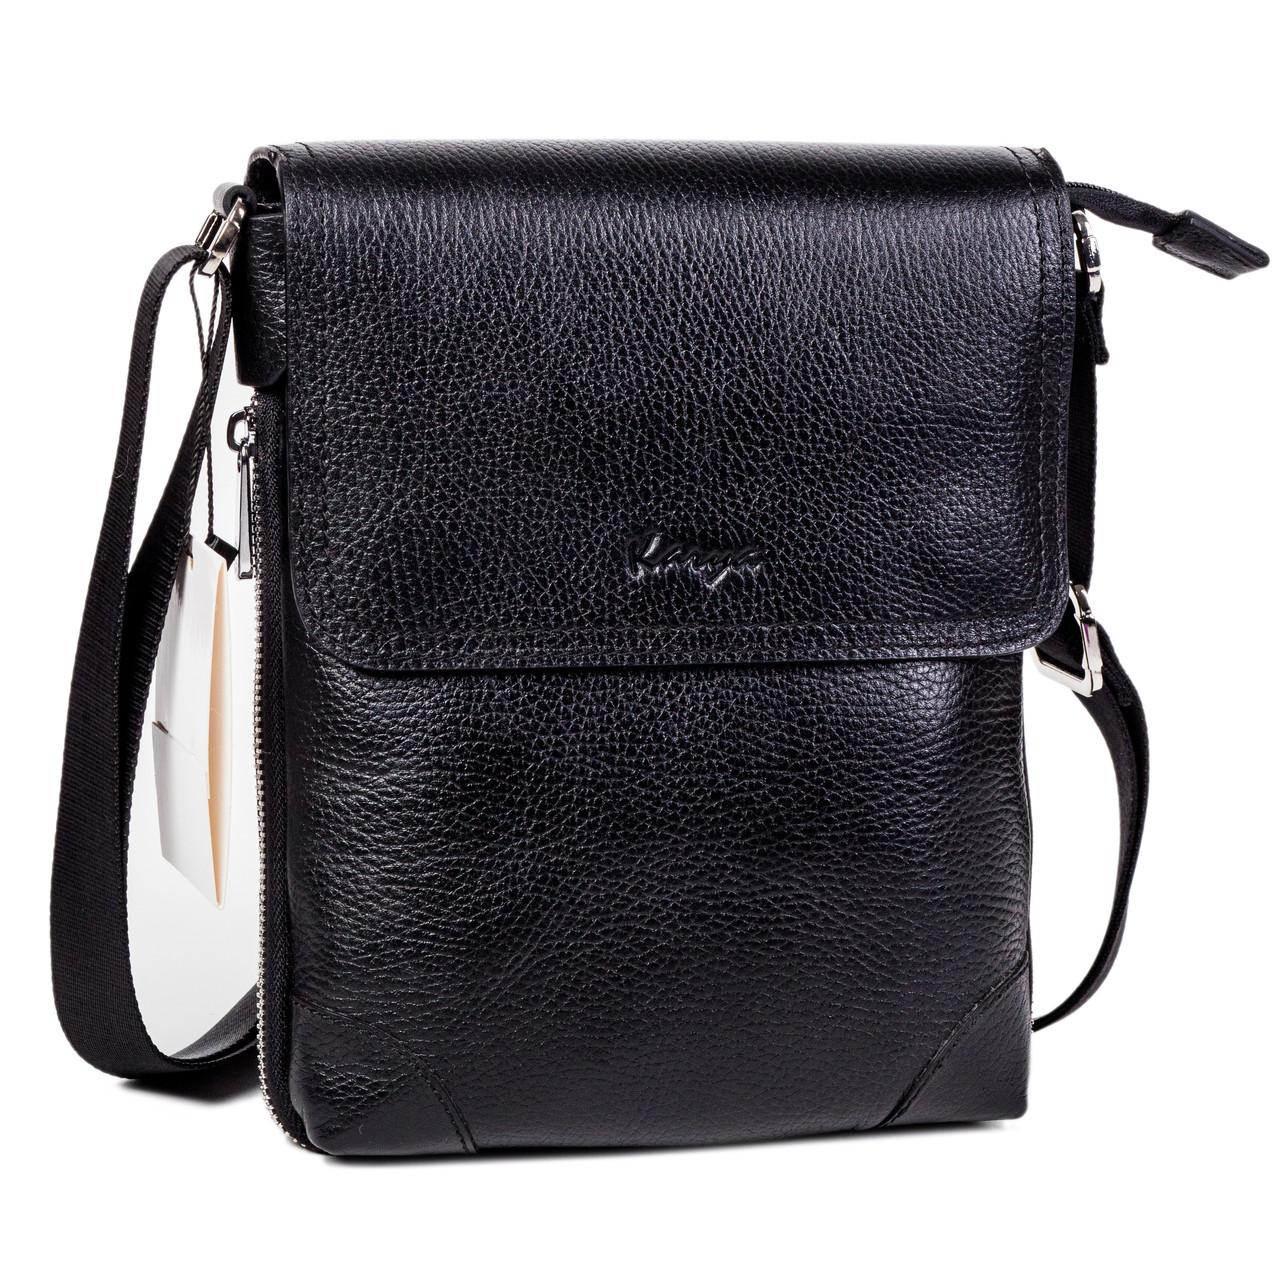 Мужская сумка Karya 0721-45 через плечо кожаная черная